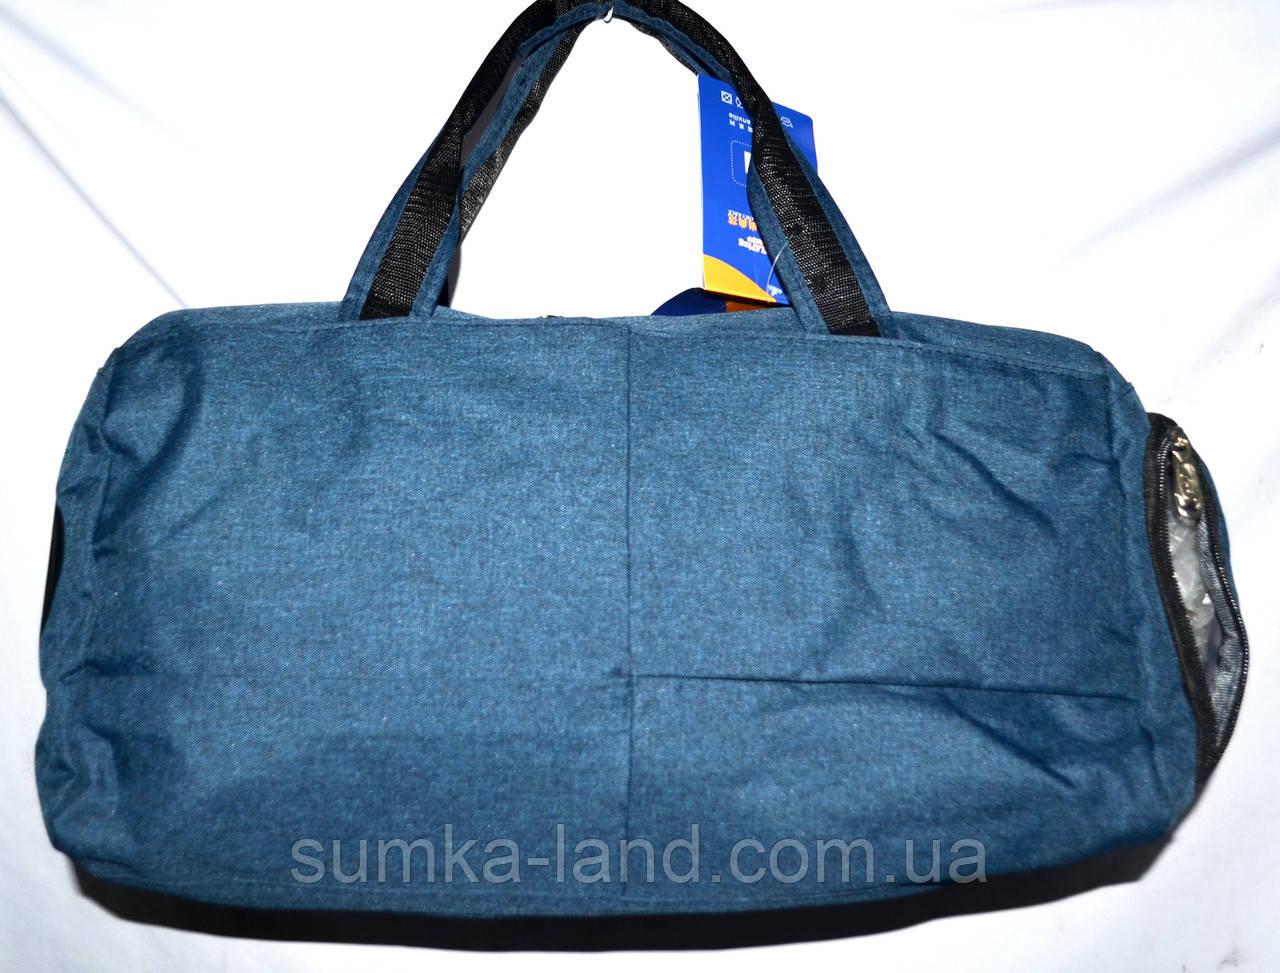 Спортивная дорожная синяя сумка 45*20